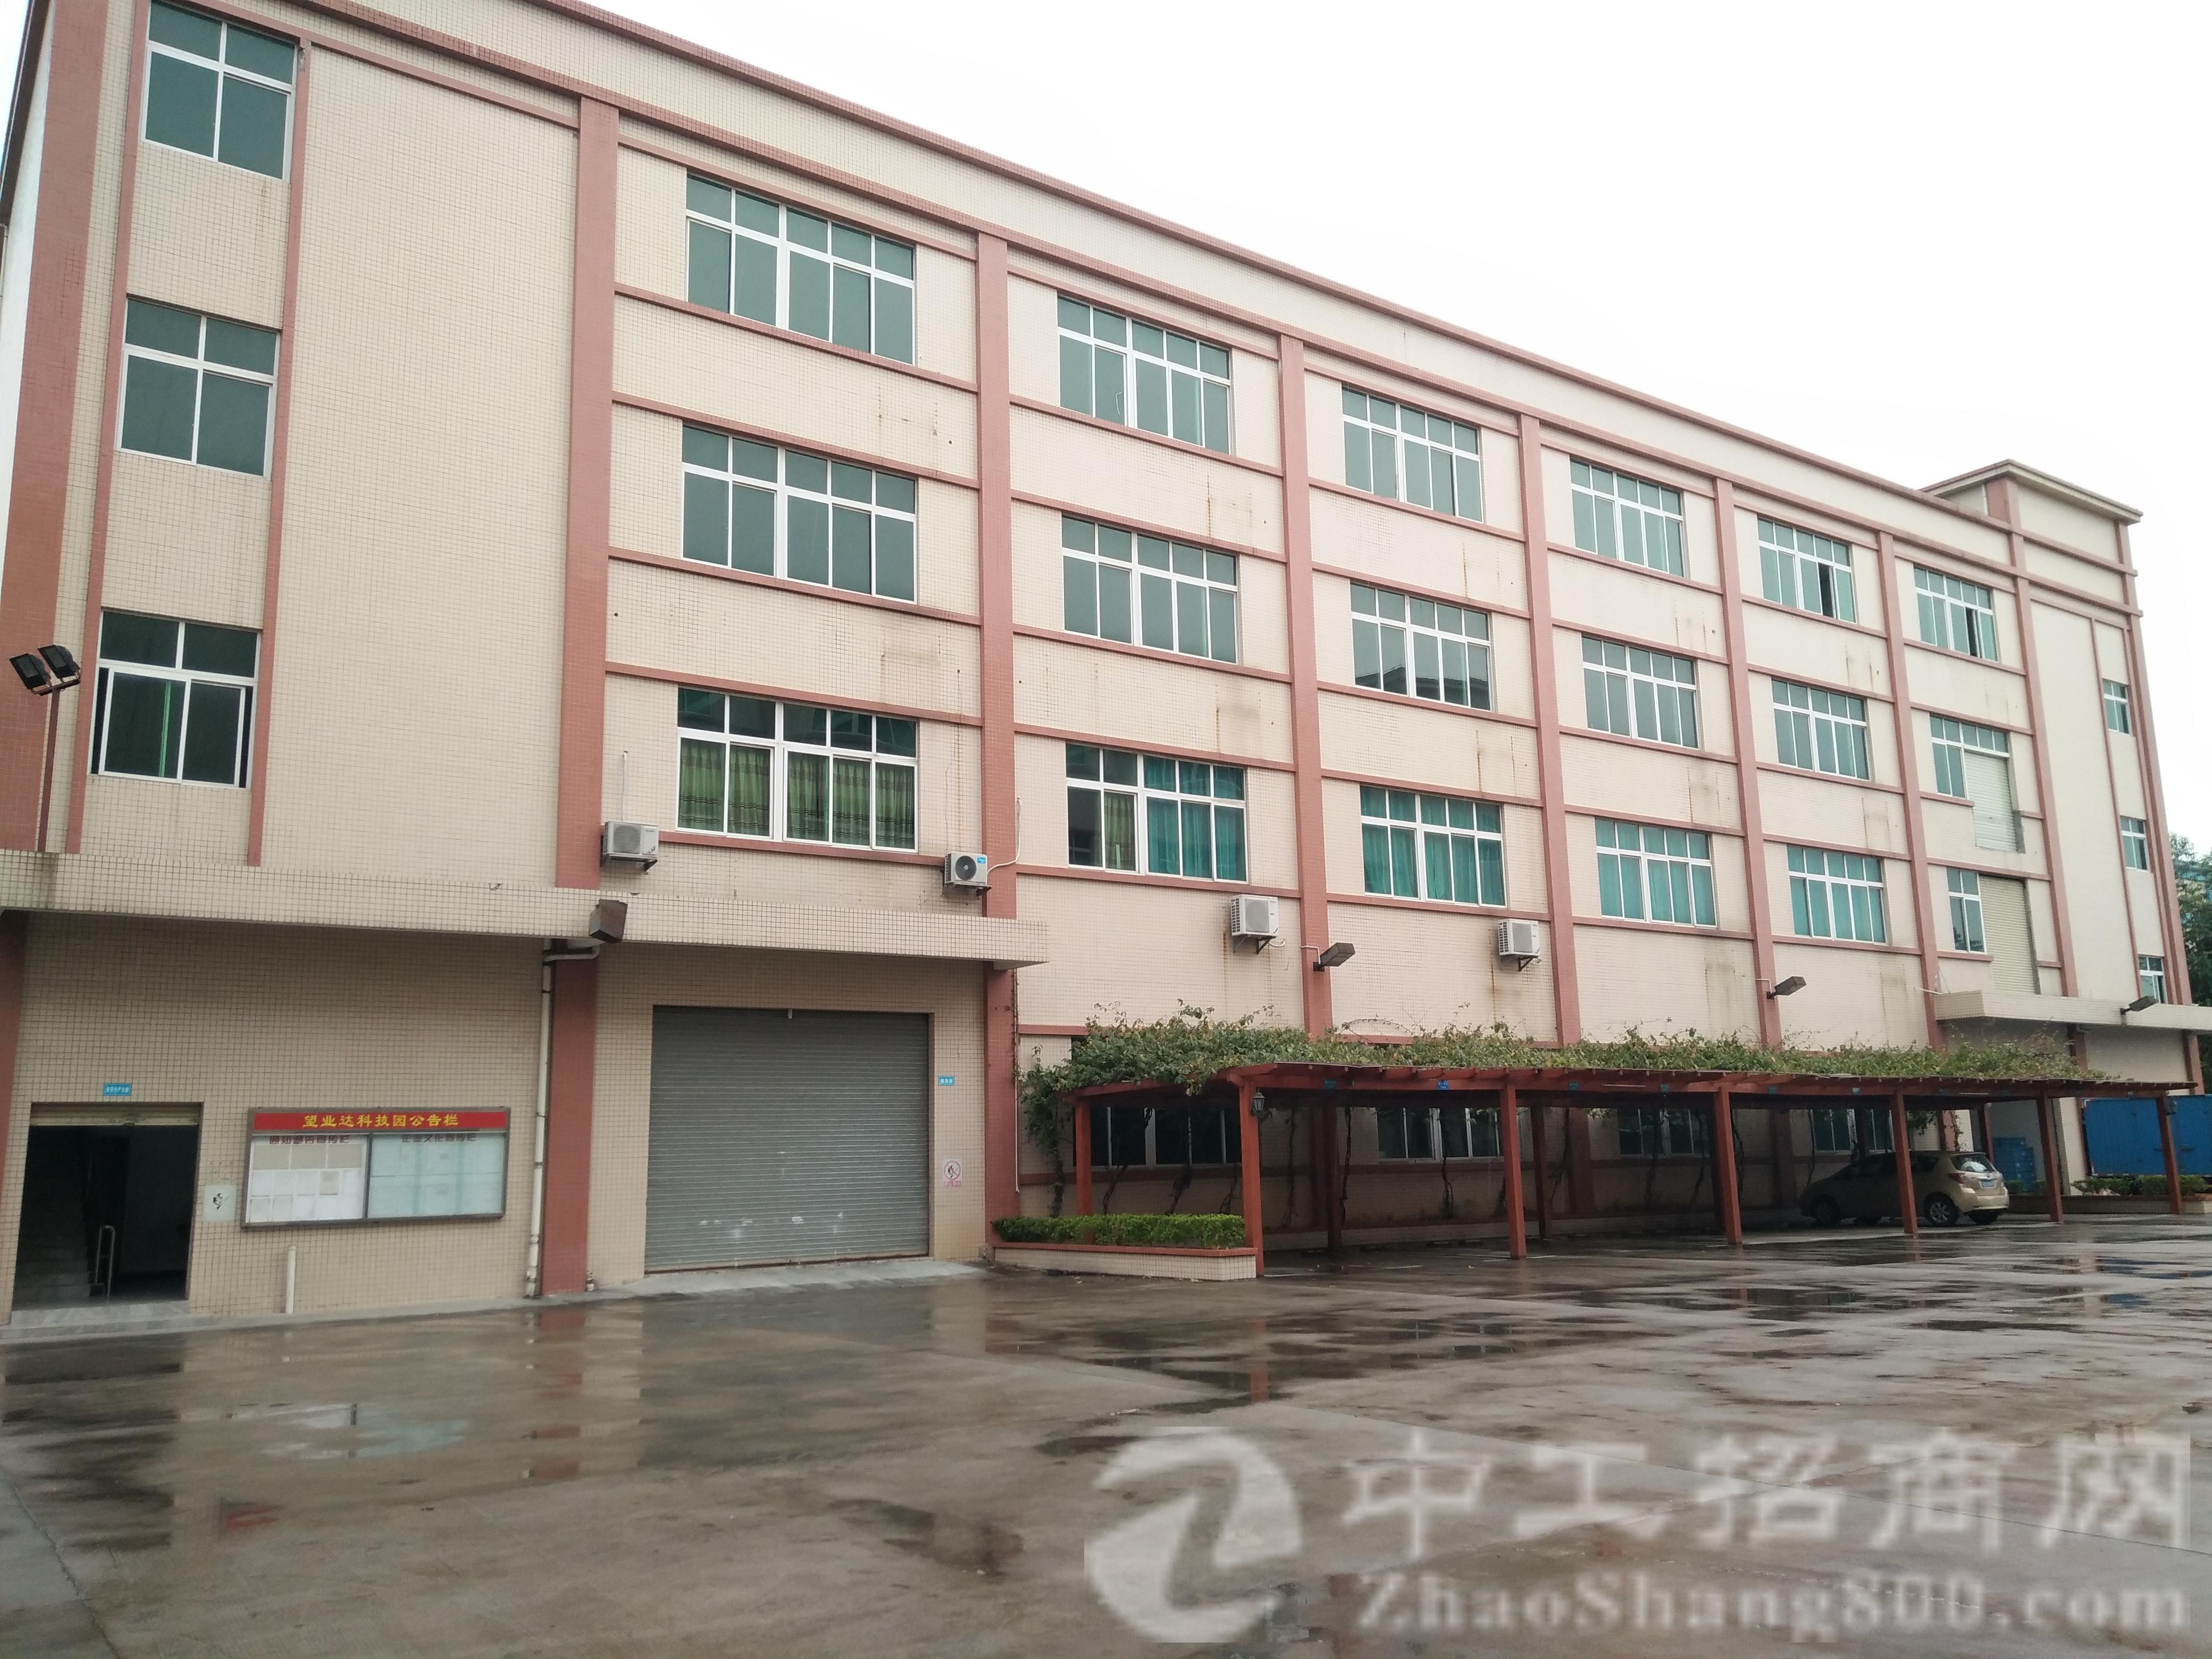 茶山生态园大道旁全新标准厂房每层2800平米